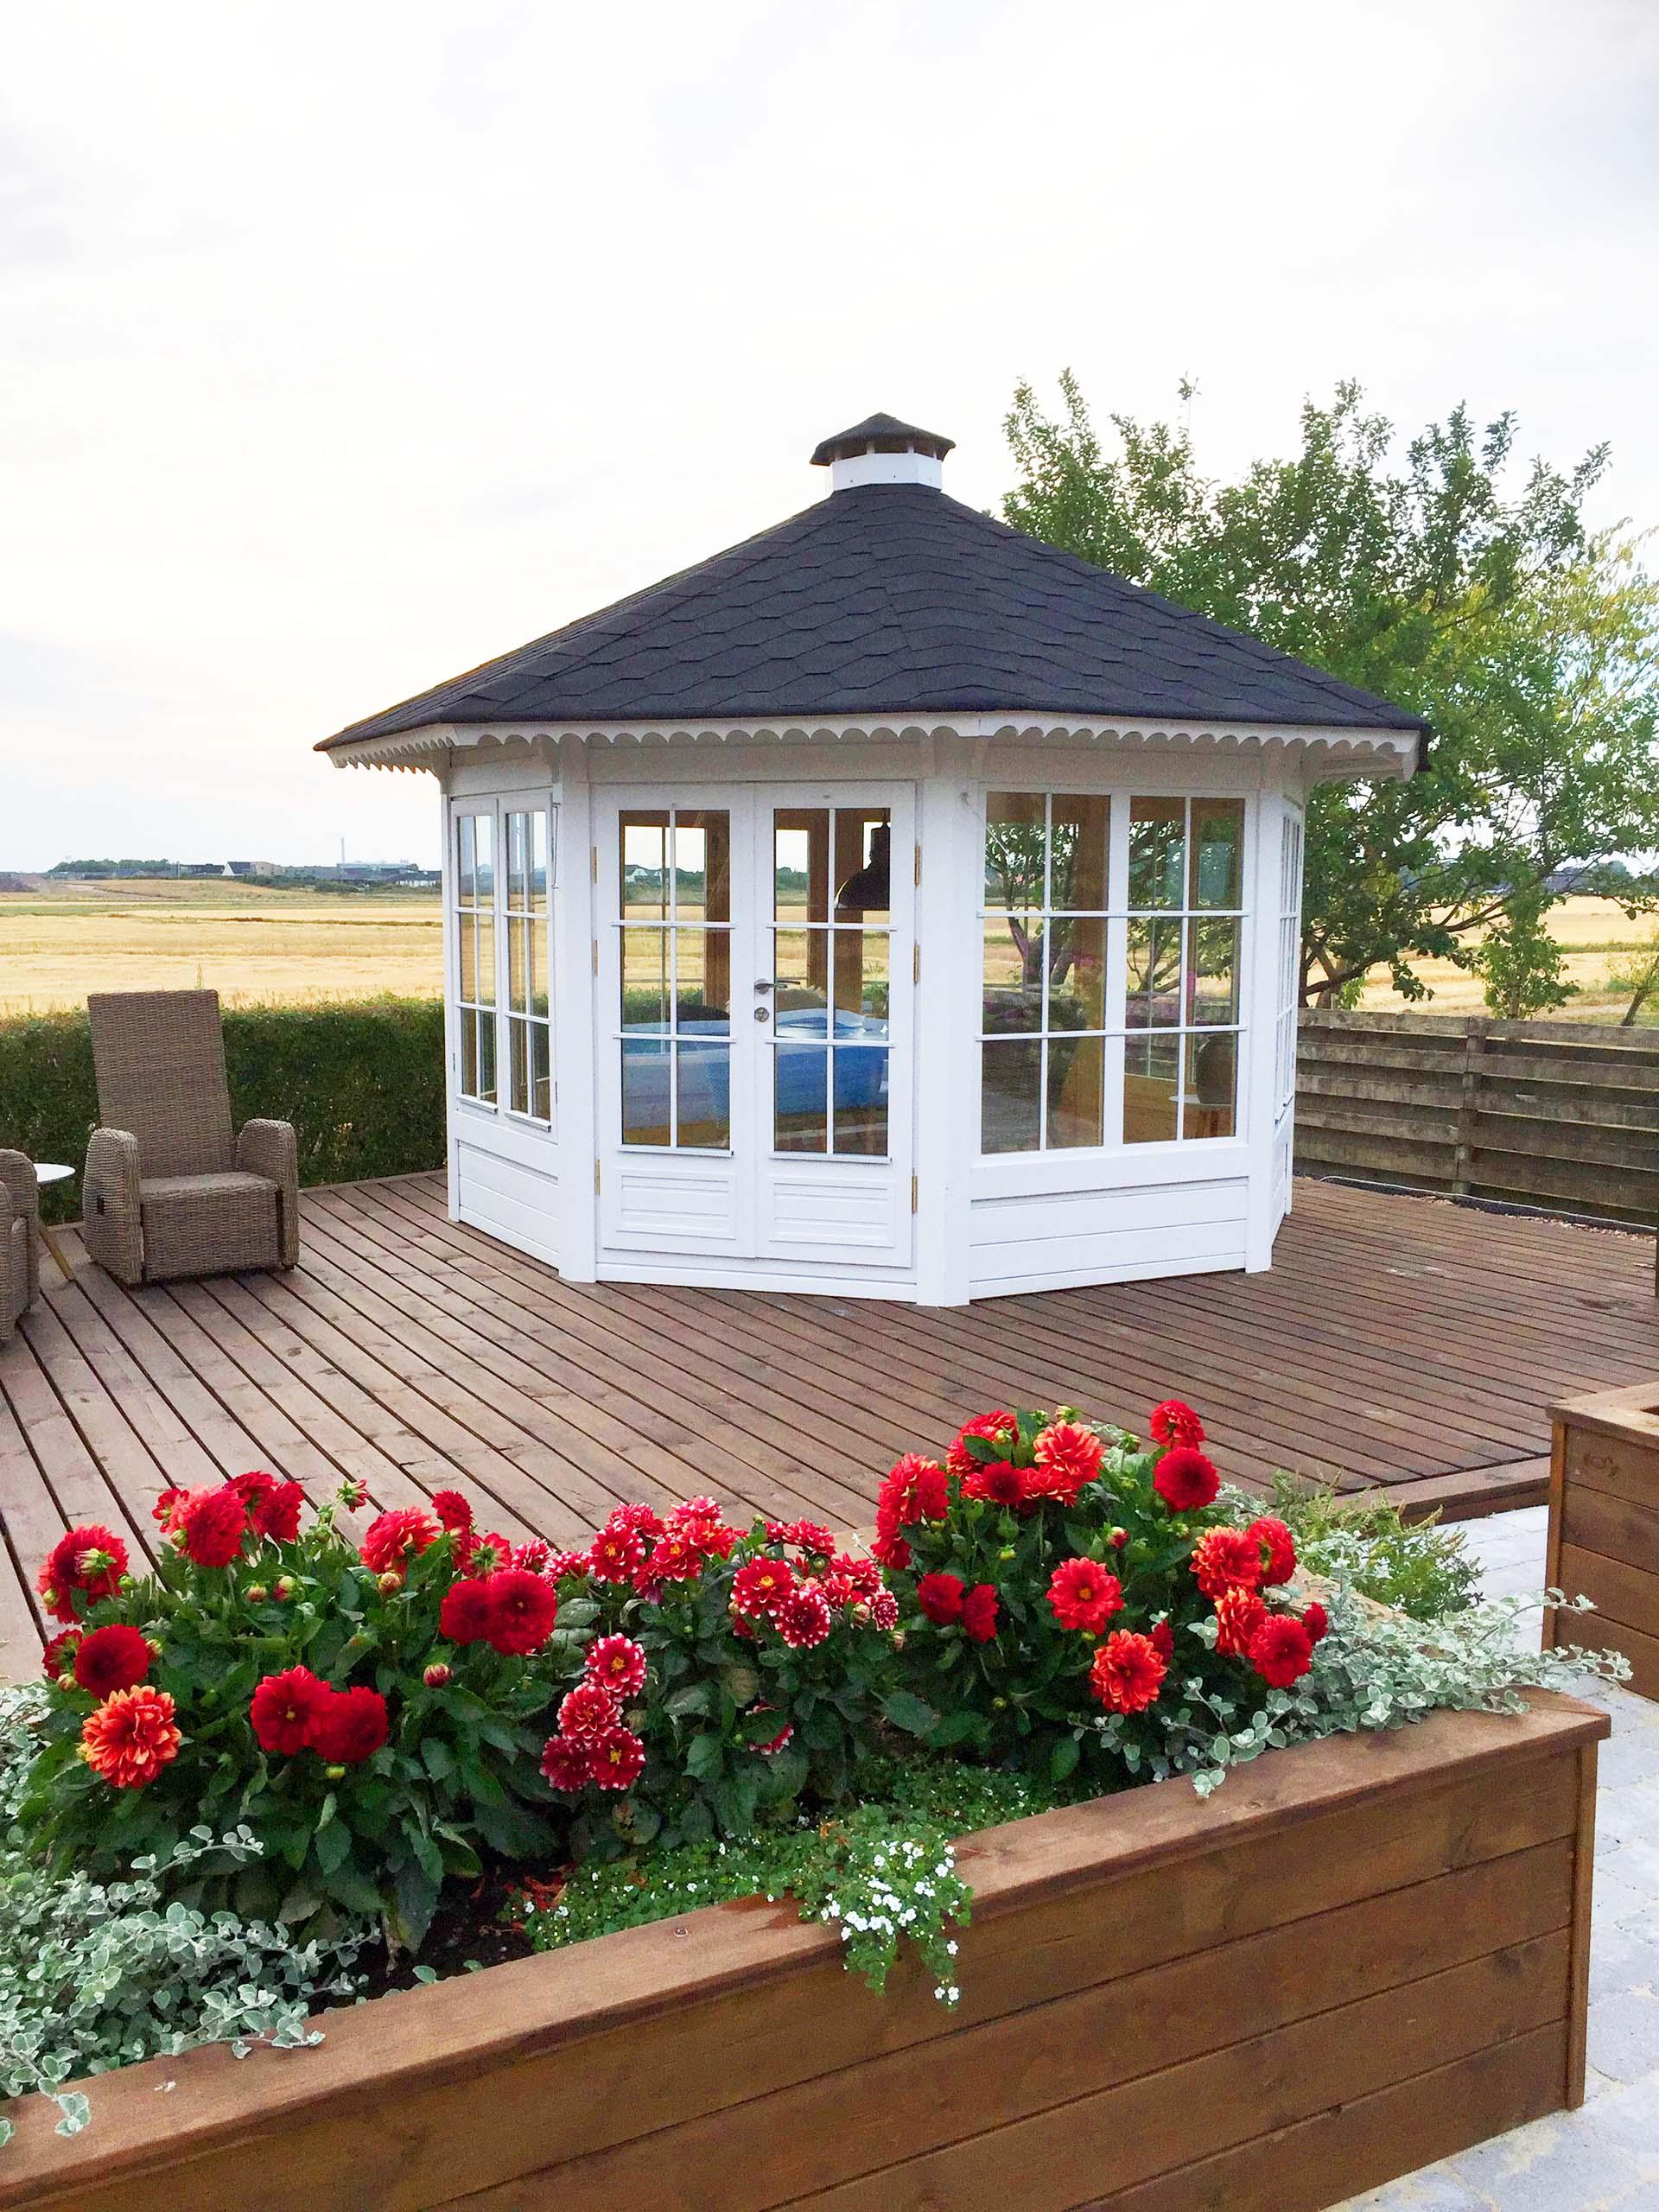 10 m2 henriette pavillon med 7 vindeuspartier fra Solundhuse.dk billedet er indsendt af Anja og Søren